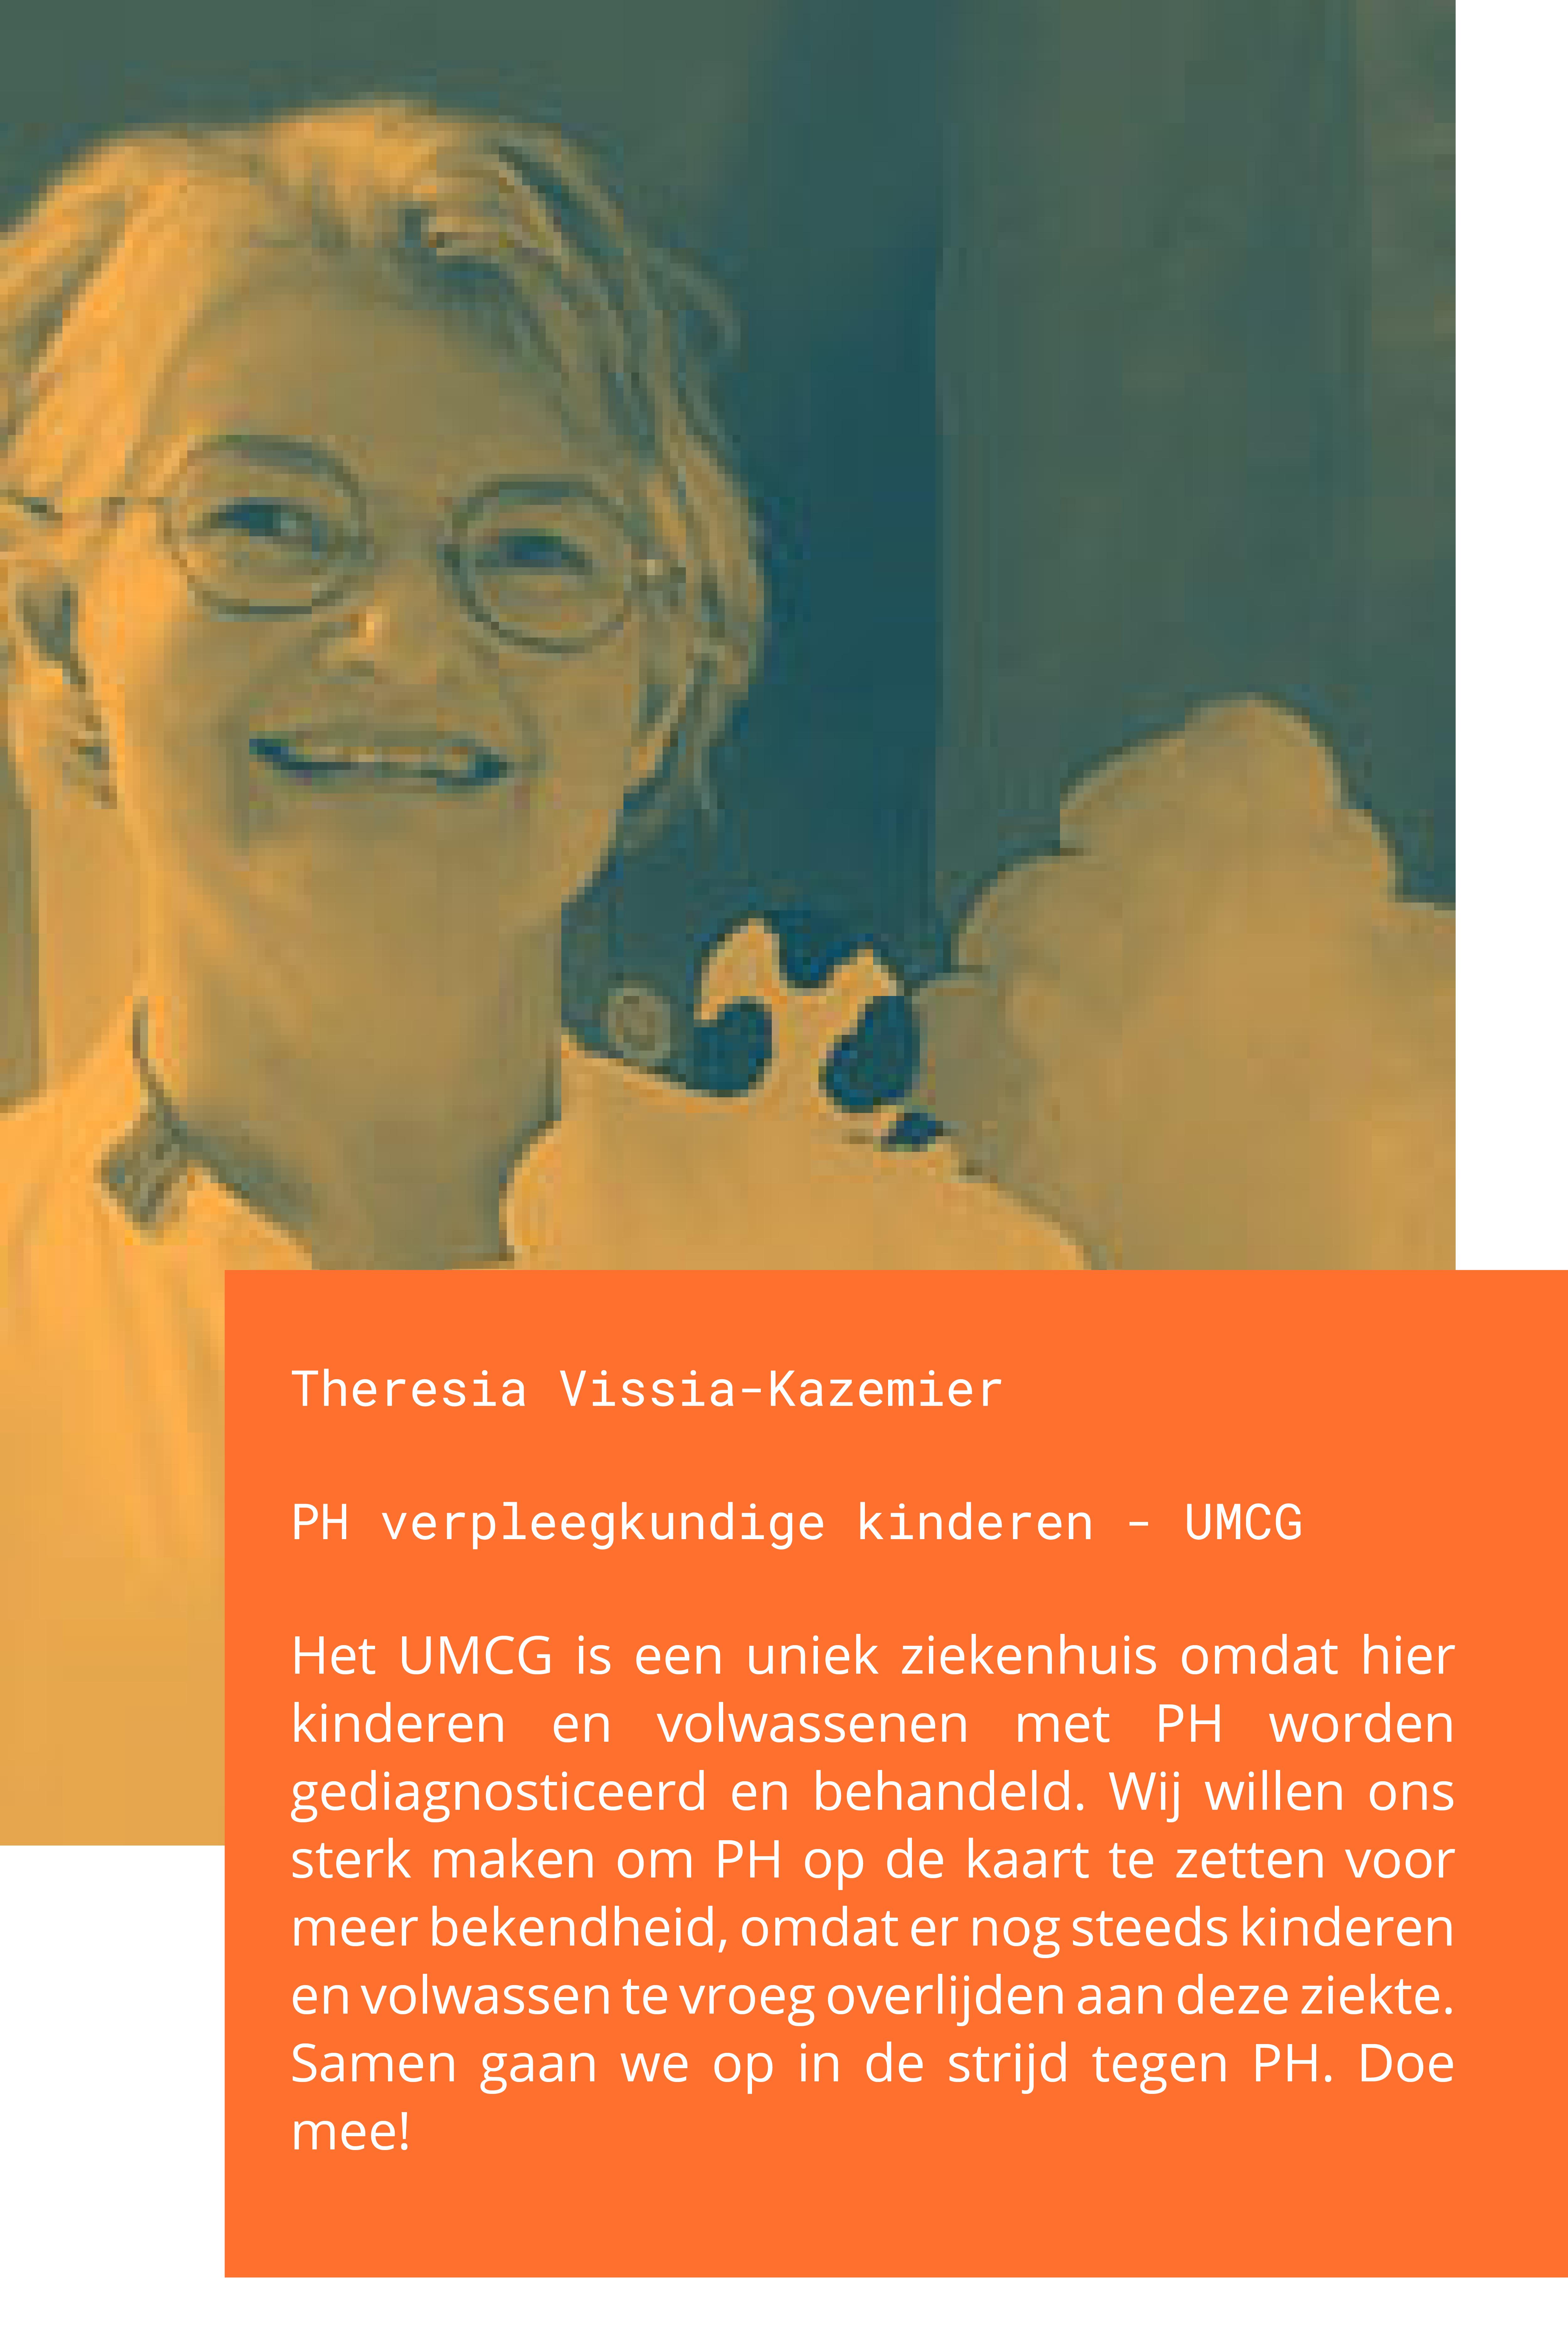 Adembenemend 2020 - Social - Theresia Vissia-Kazemier